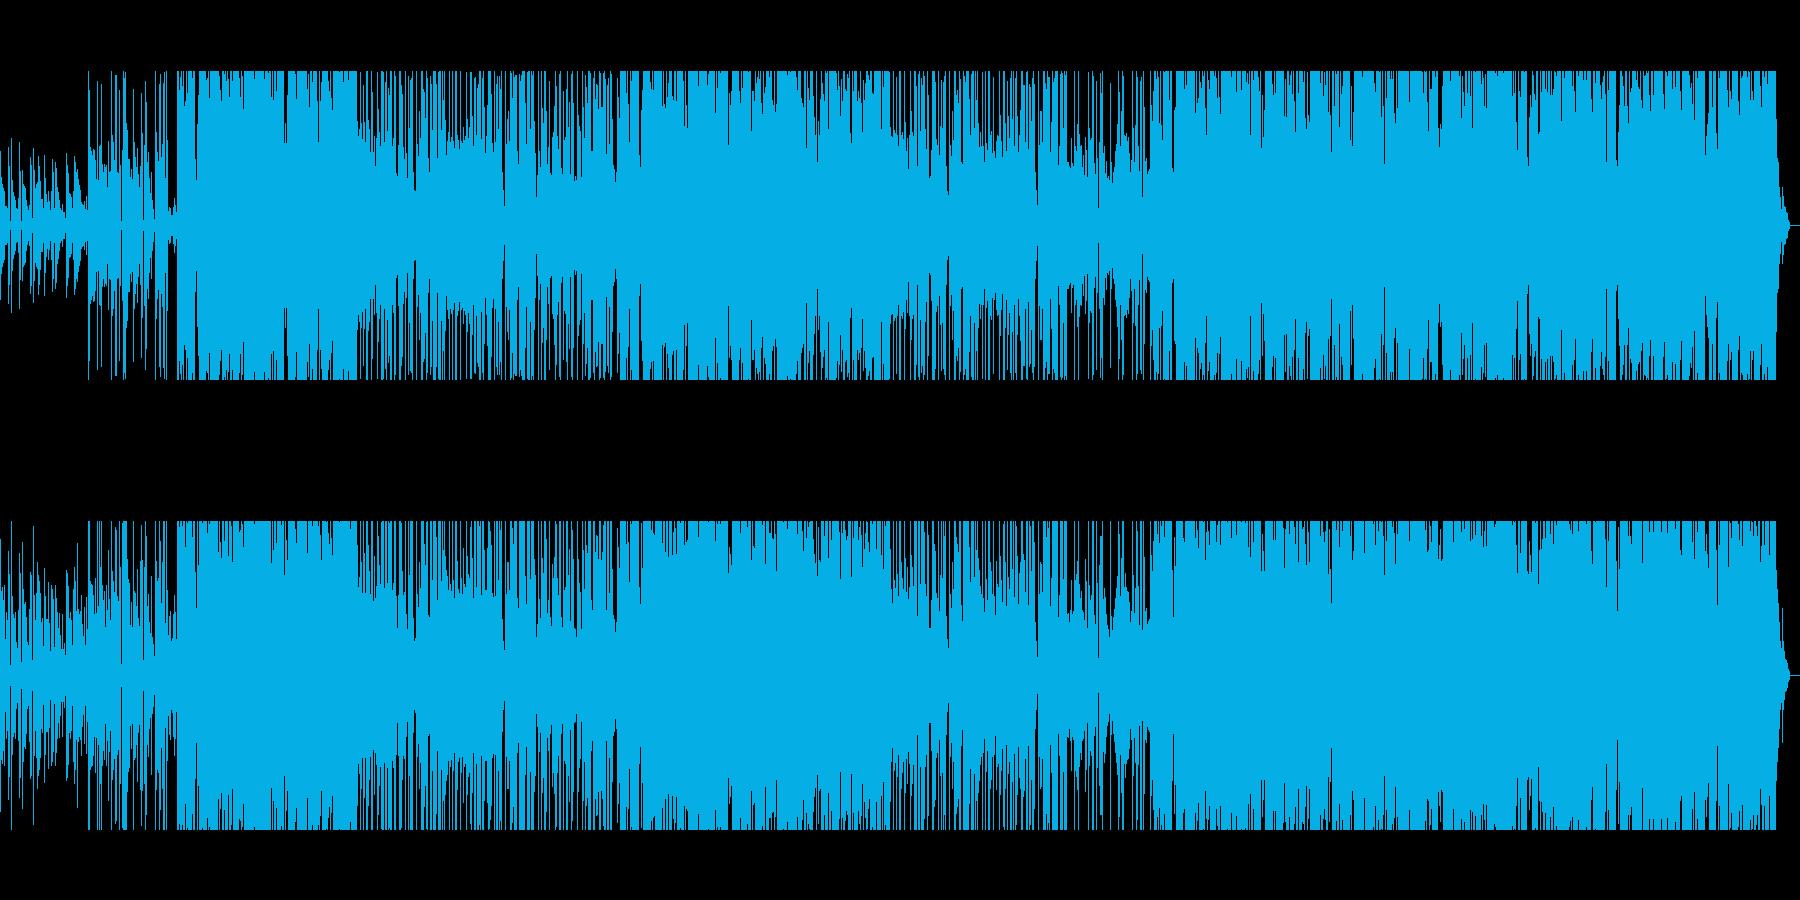 80年代風洋楽バラードインストの再生済みの波形